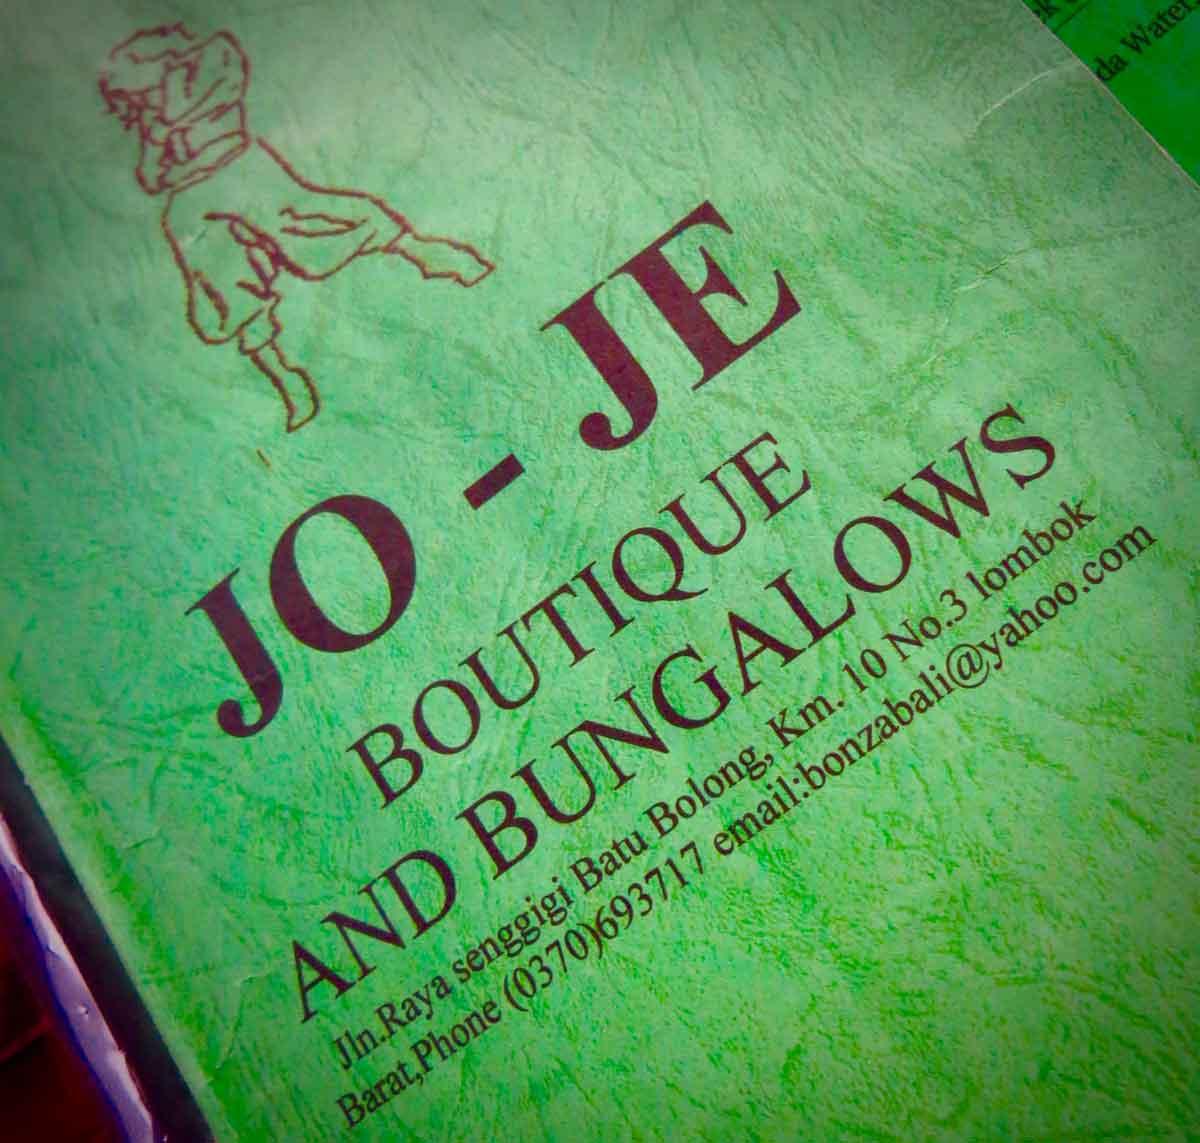 Jo Je Boutique and Bungalow